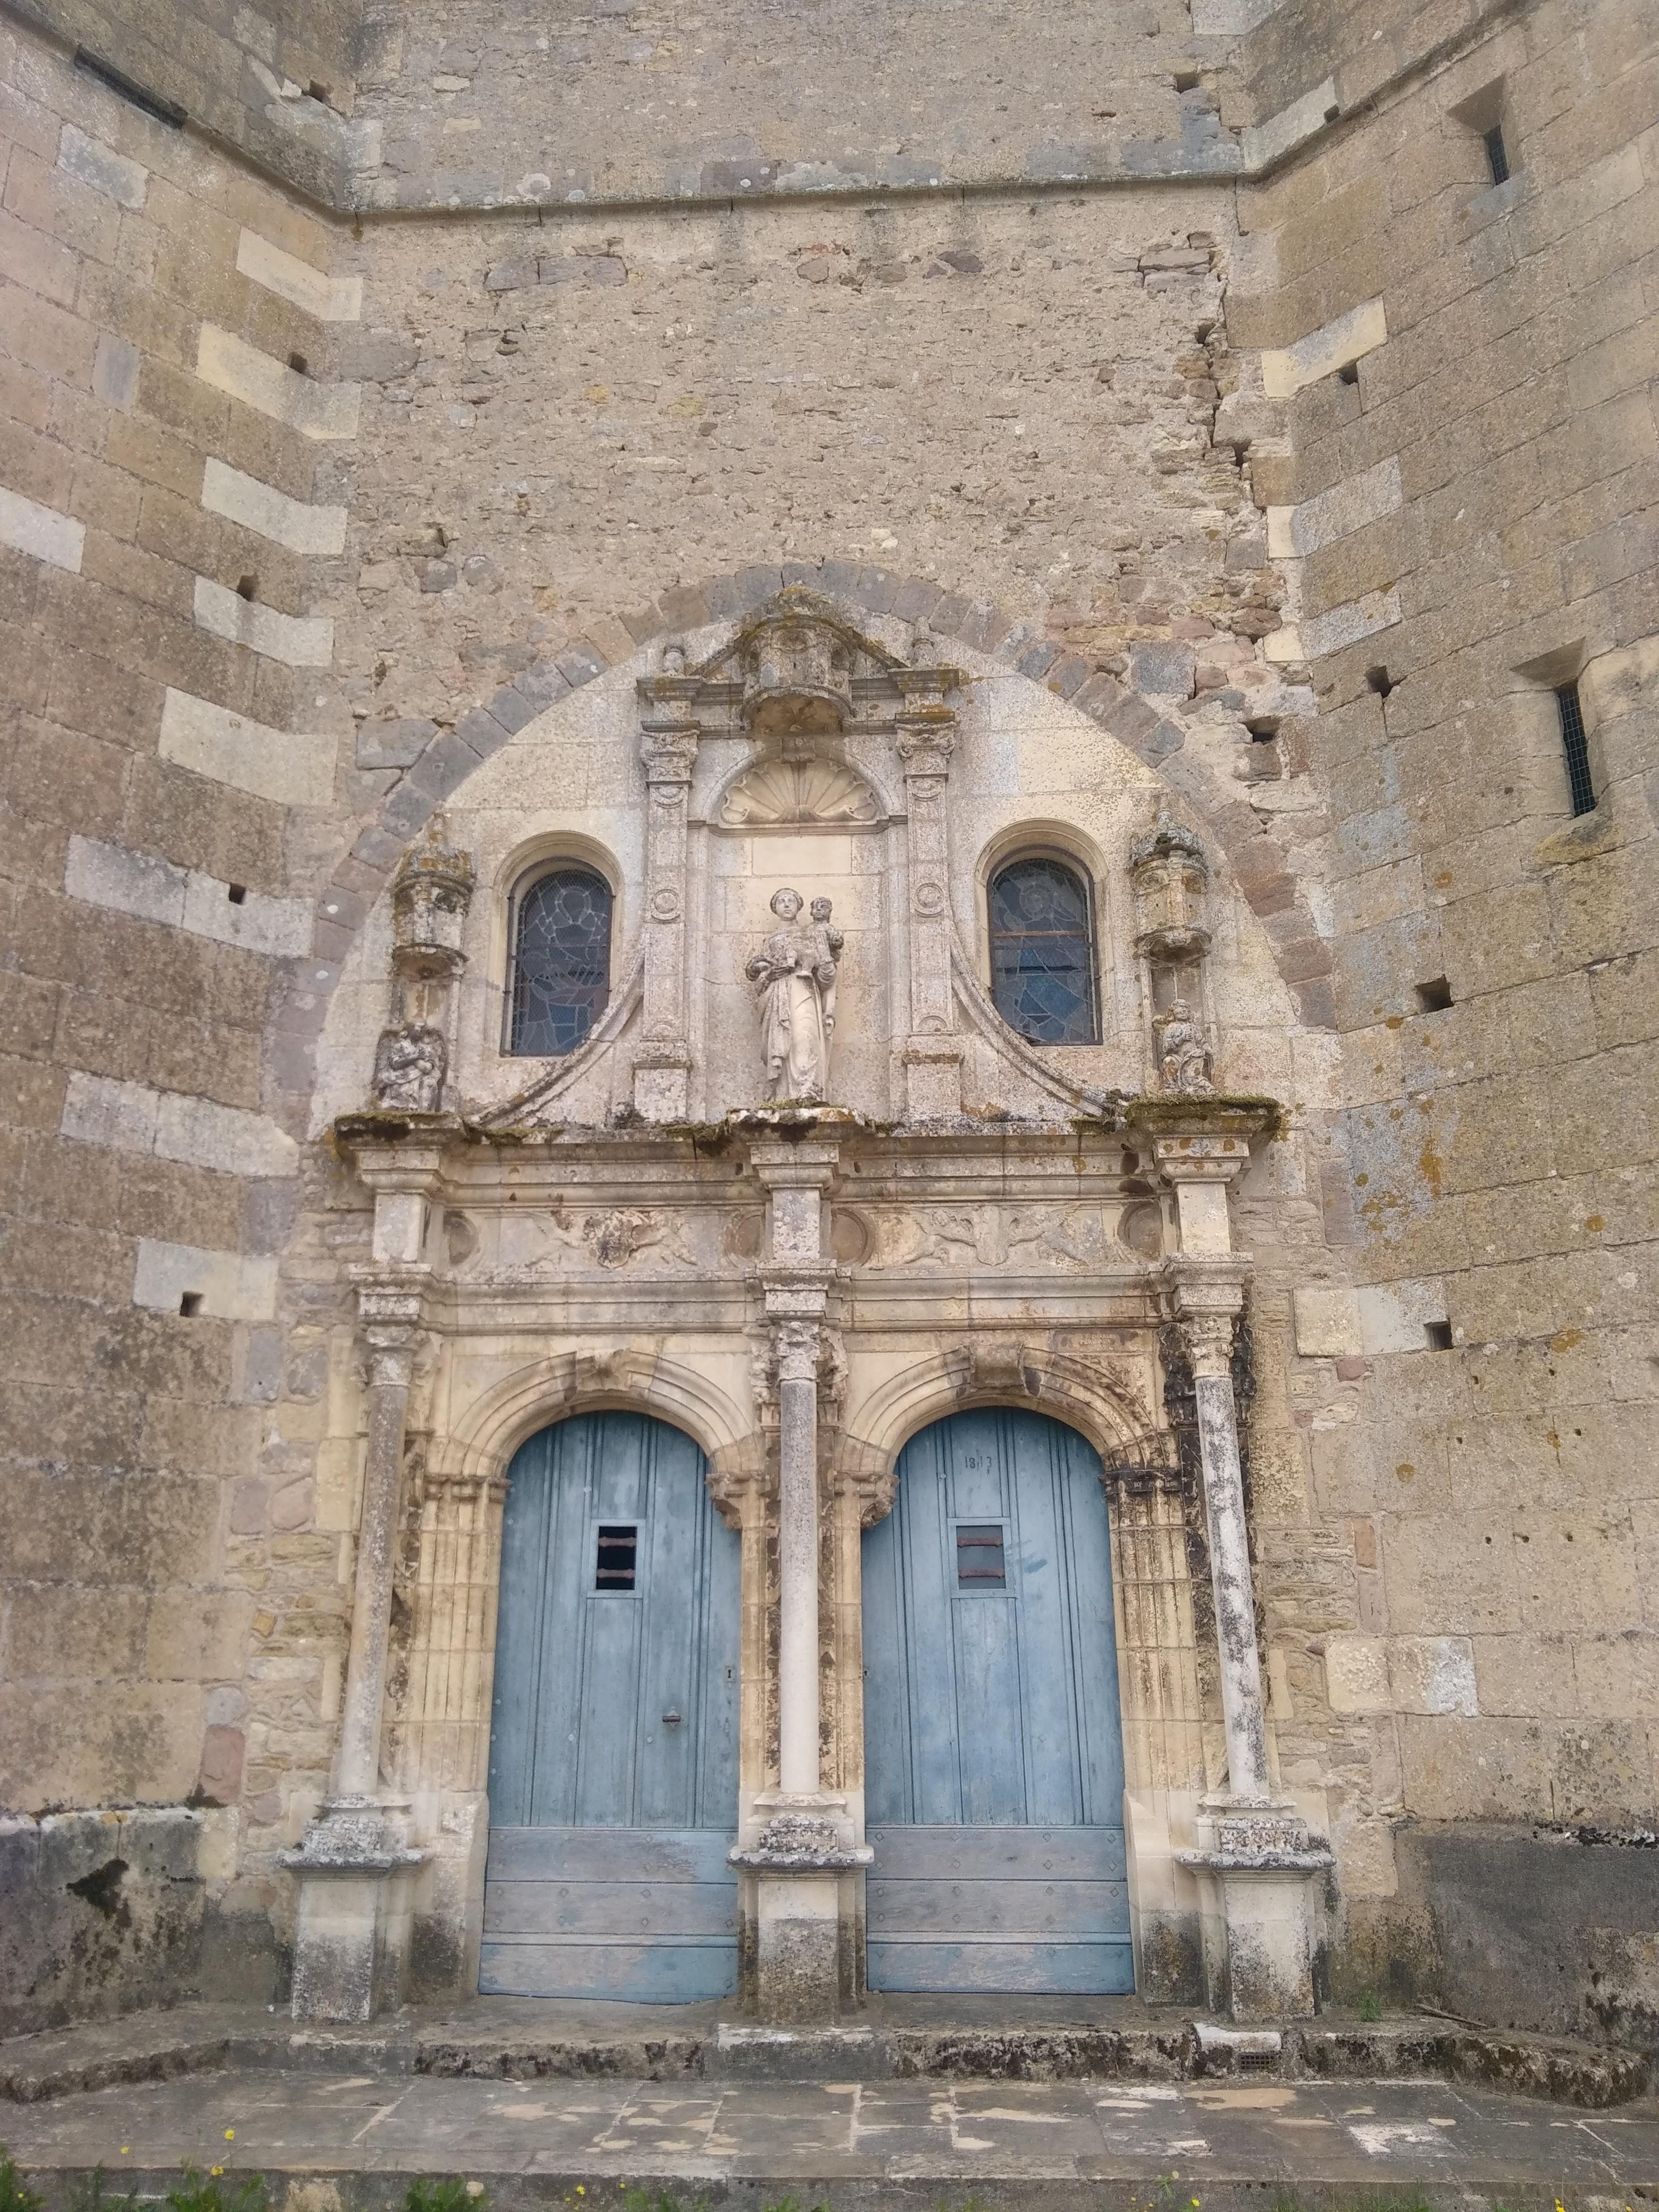 Porte de l'église d'Ainay-le-Château